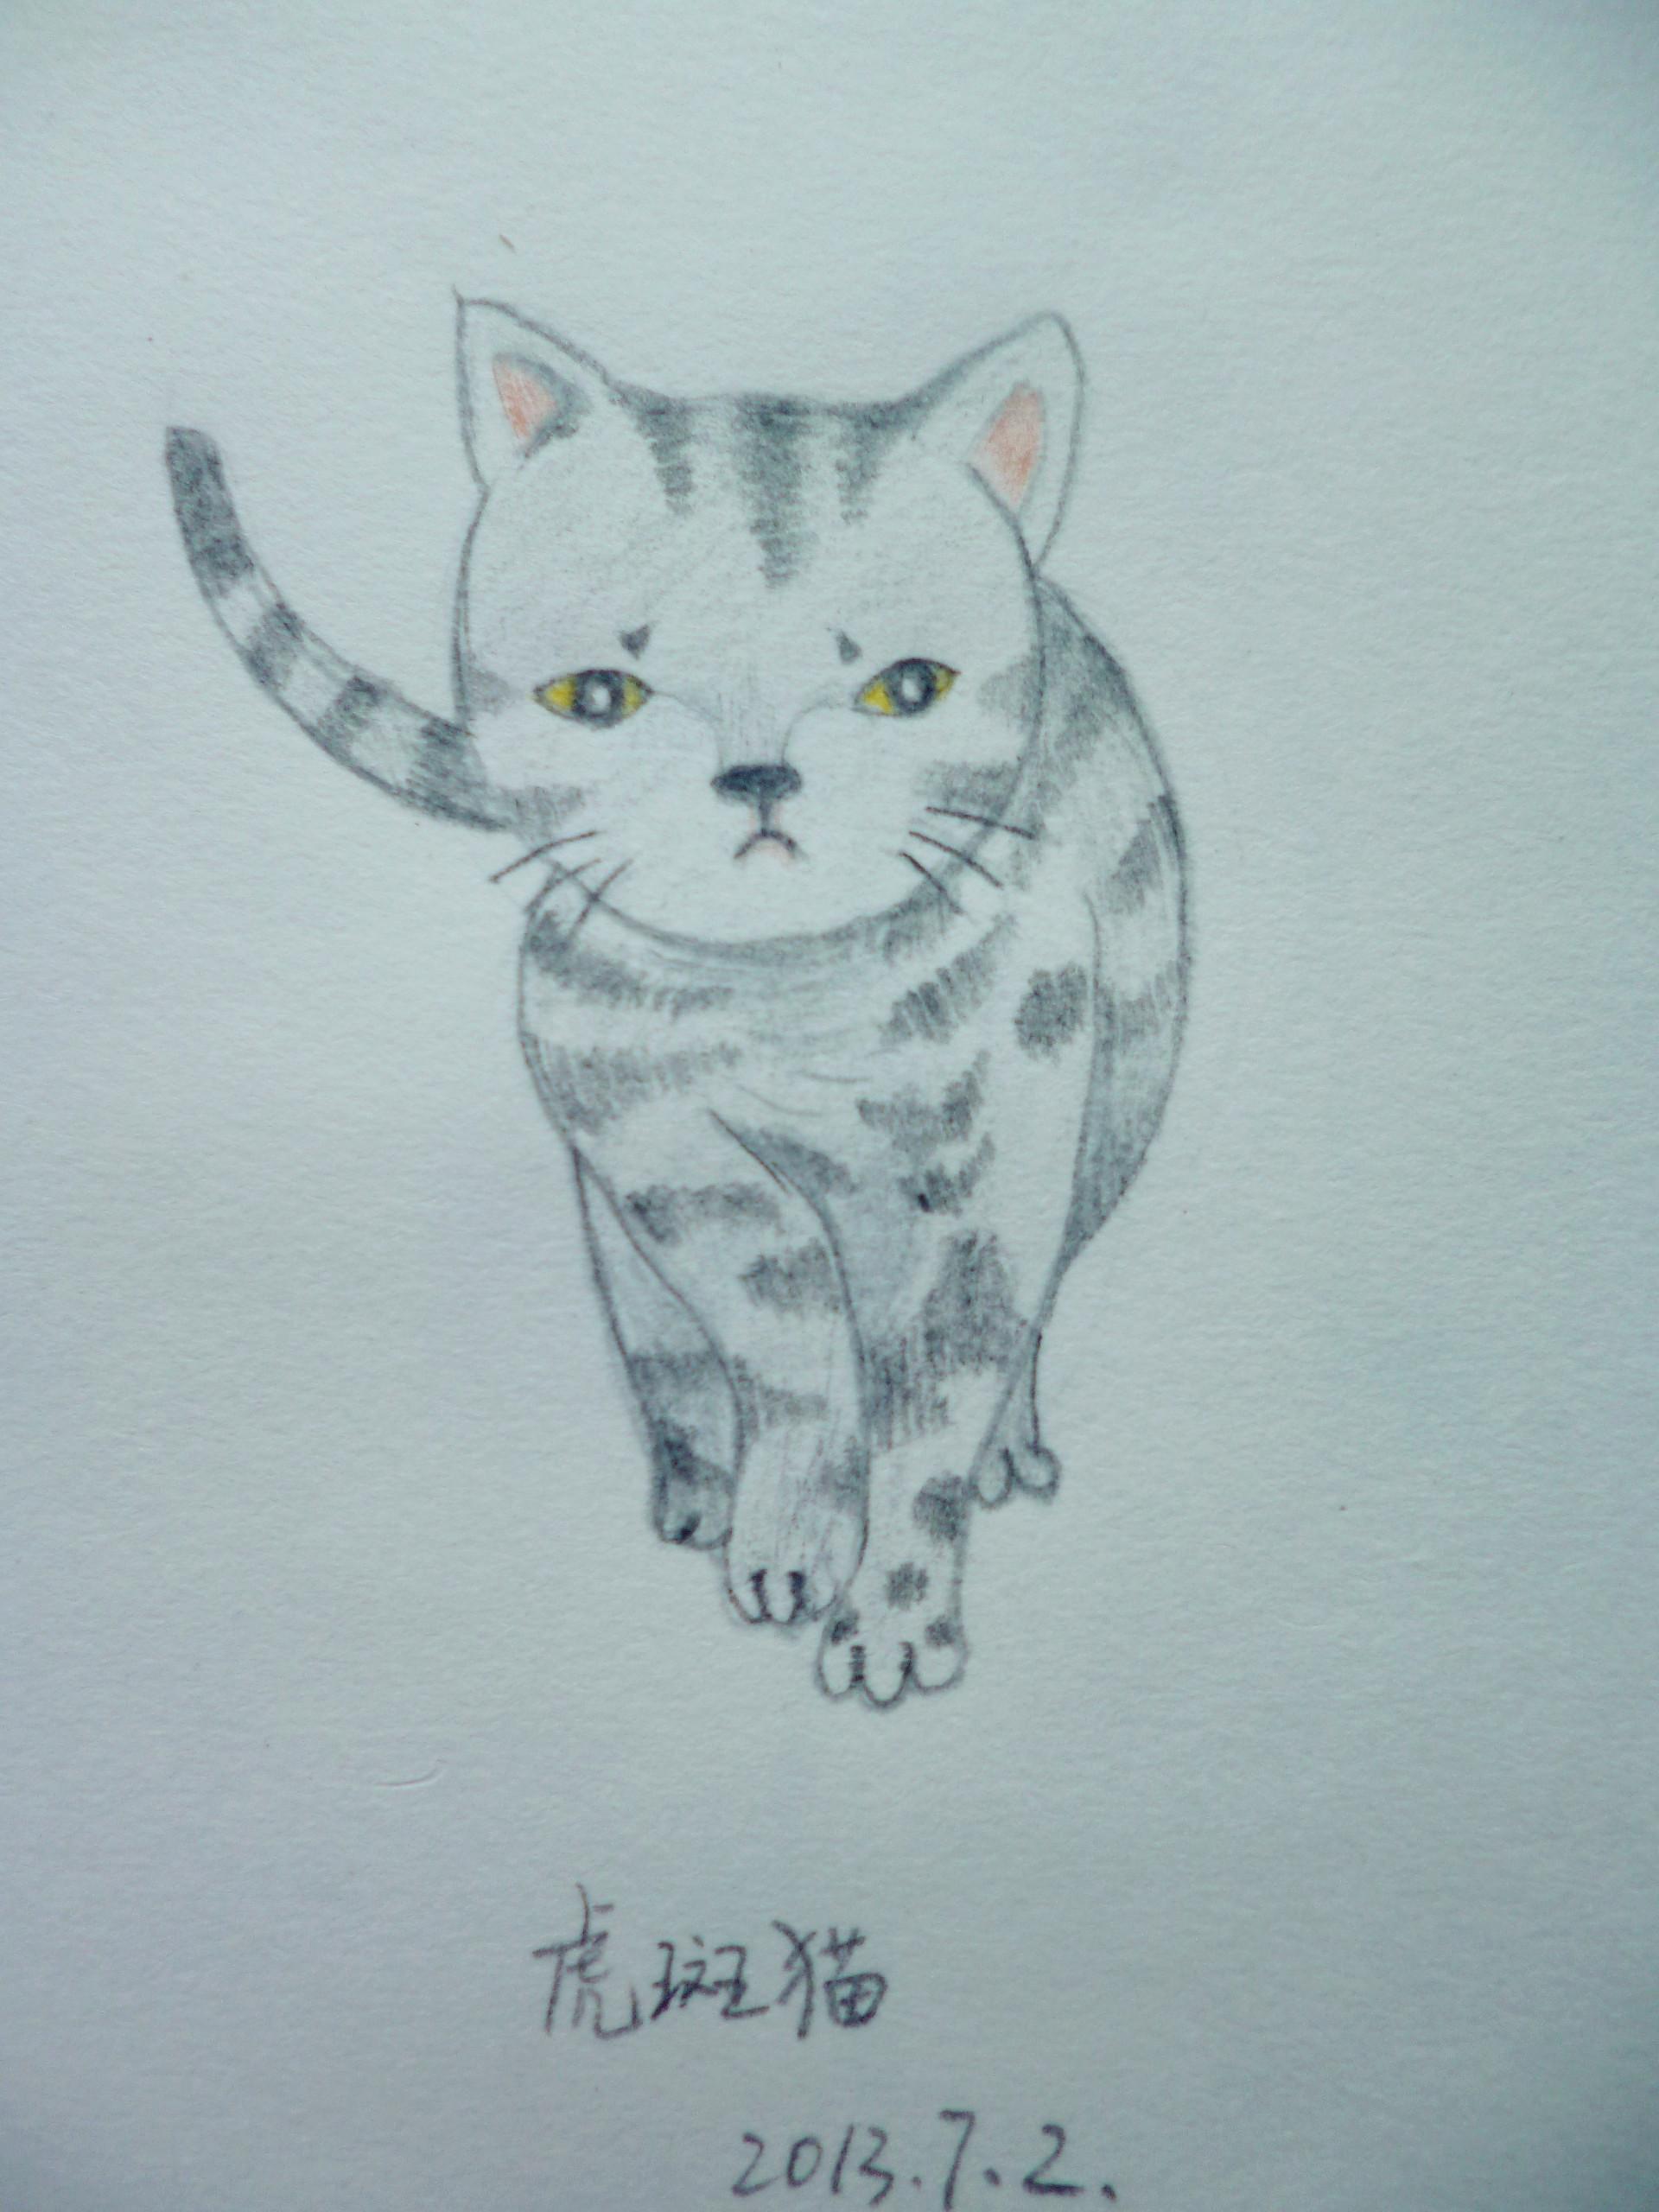 可爱小猫素描彩铅画法步骤